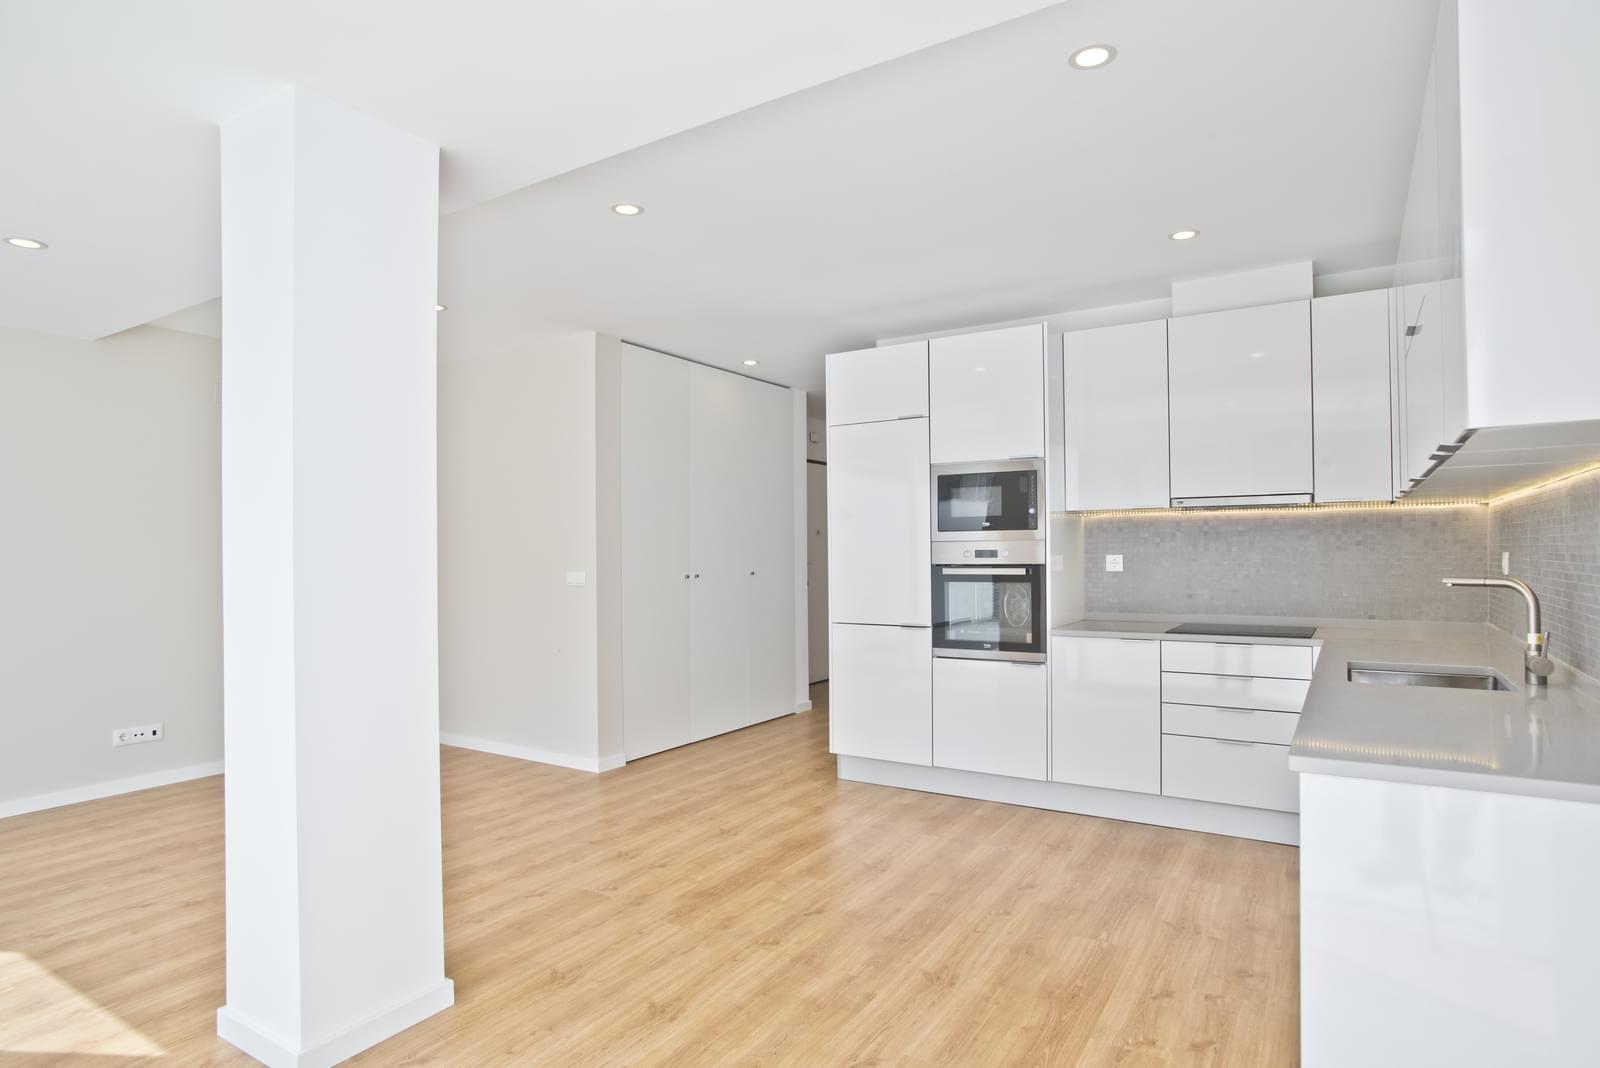 pf16986-apartamento-t2-cascais-6255127a-7659-4ed4-85bd-a10995ec78da